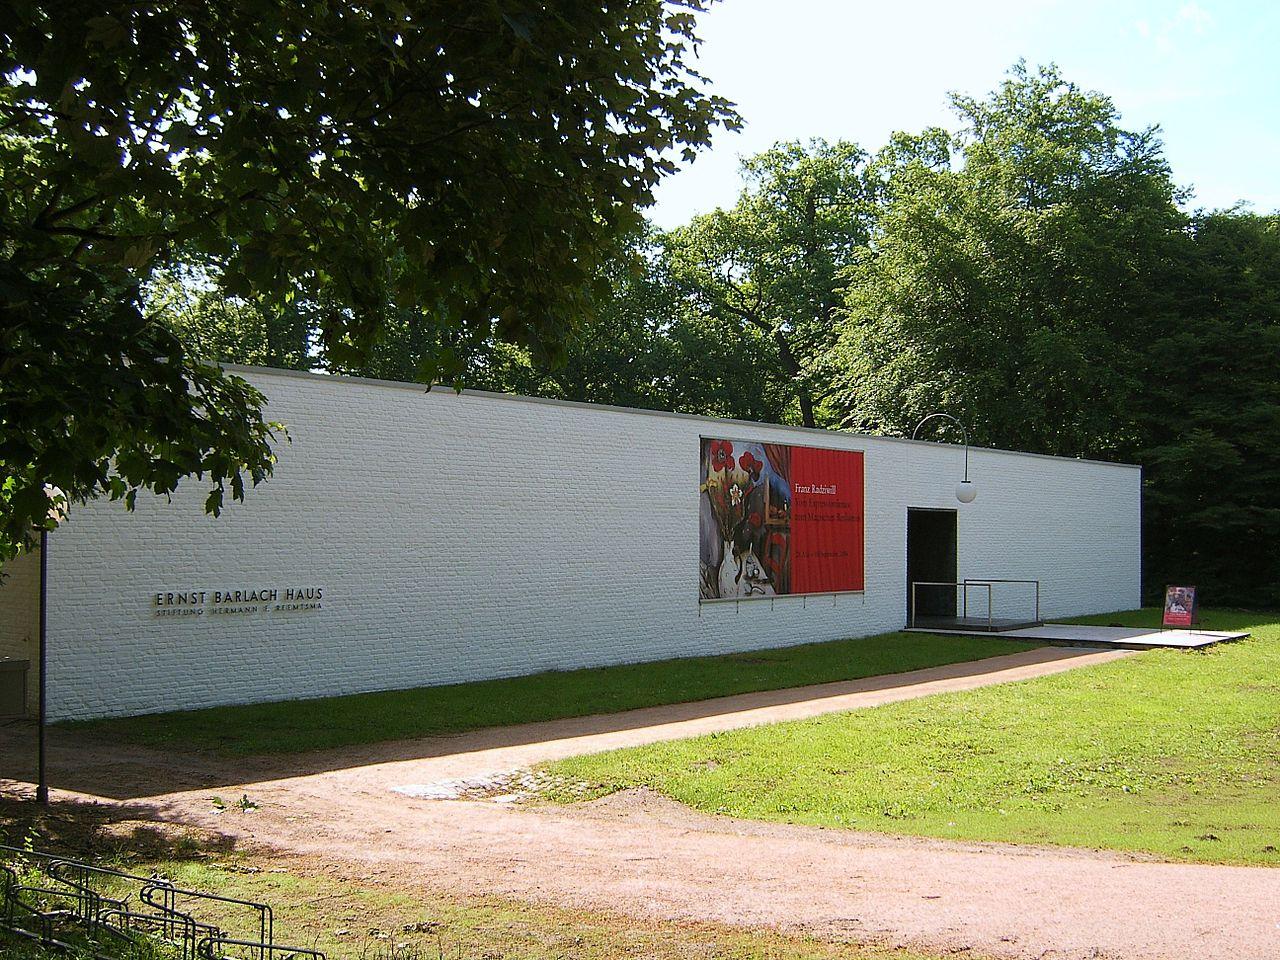 Bild Ernst Barlach Haus Hamburg